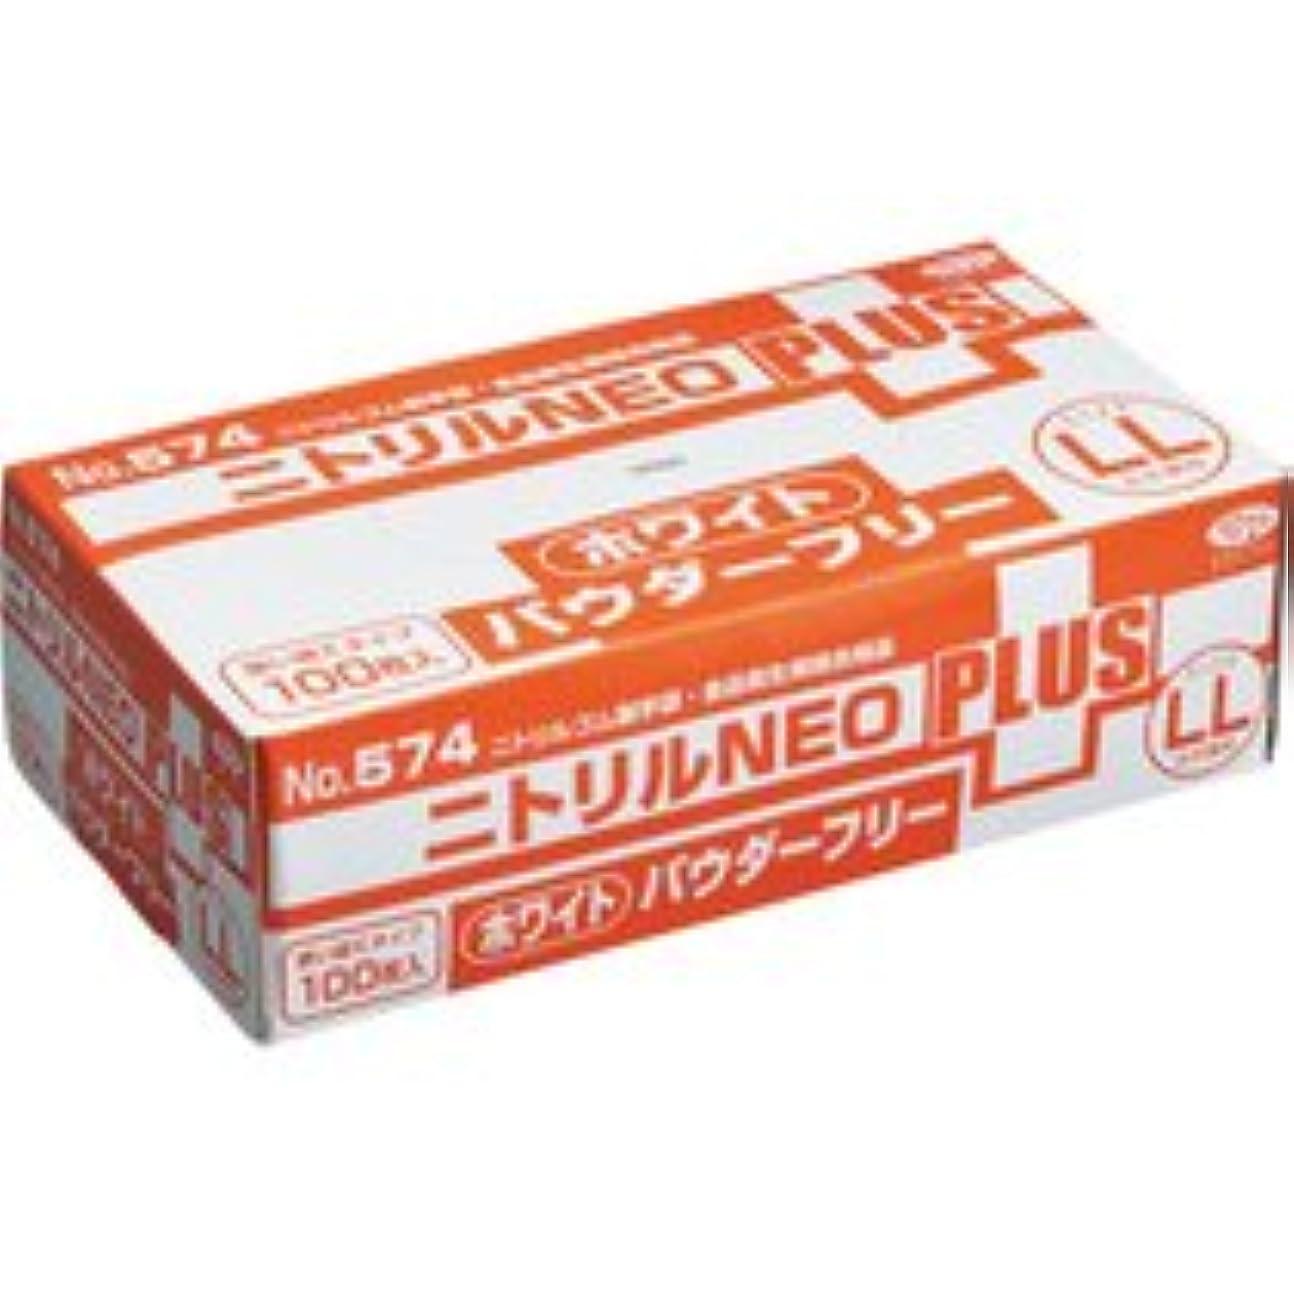 追放マイクロフォン曲げるエブノ ニトリルNEOプラス パウダーフリー ホワイト LL NO-574 1箱(100枚)